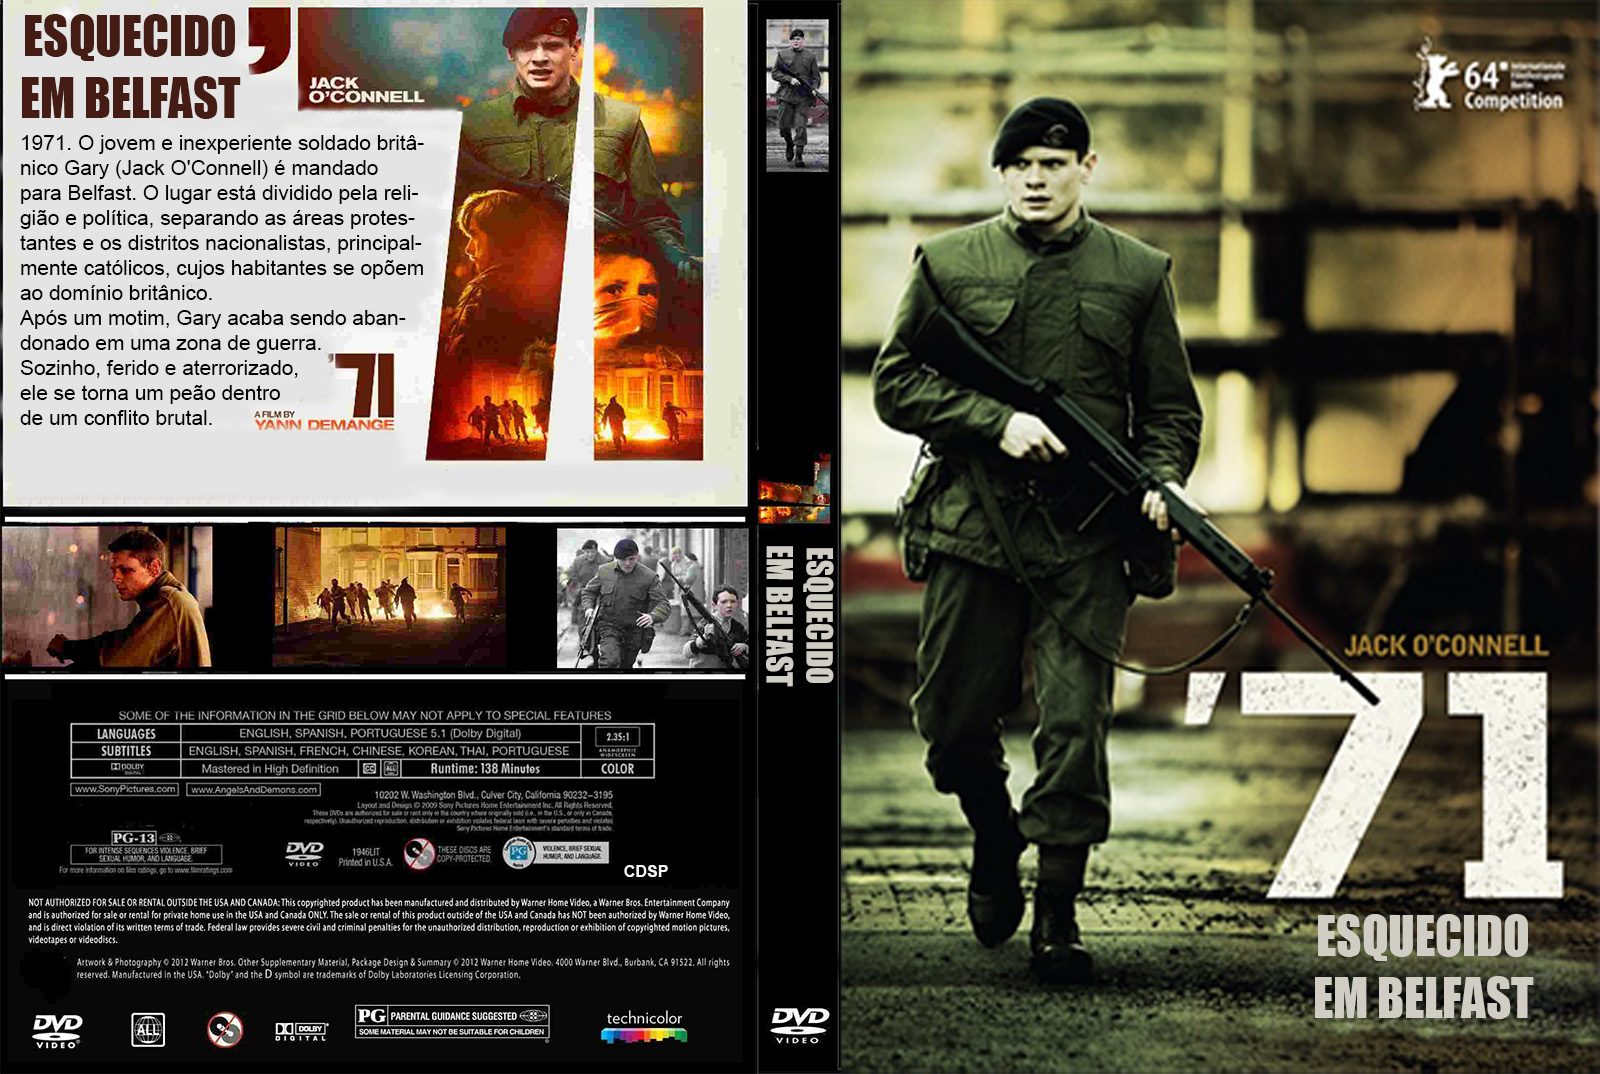 Download 71 Esquecido em Belfast DVD-R 71 2BESQUECIDO 2BEM 2BBELFAST